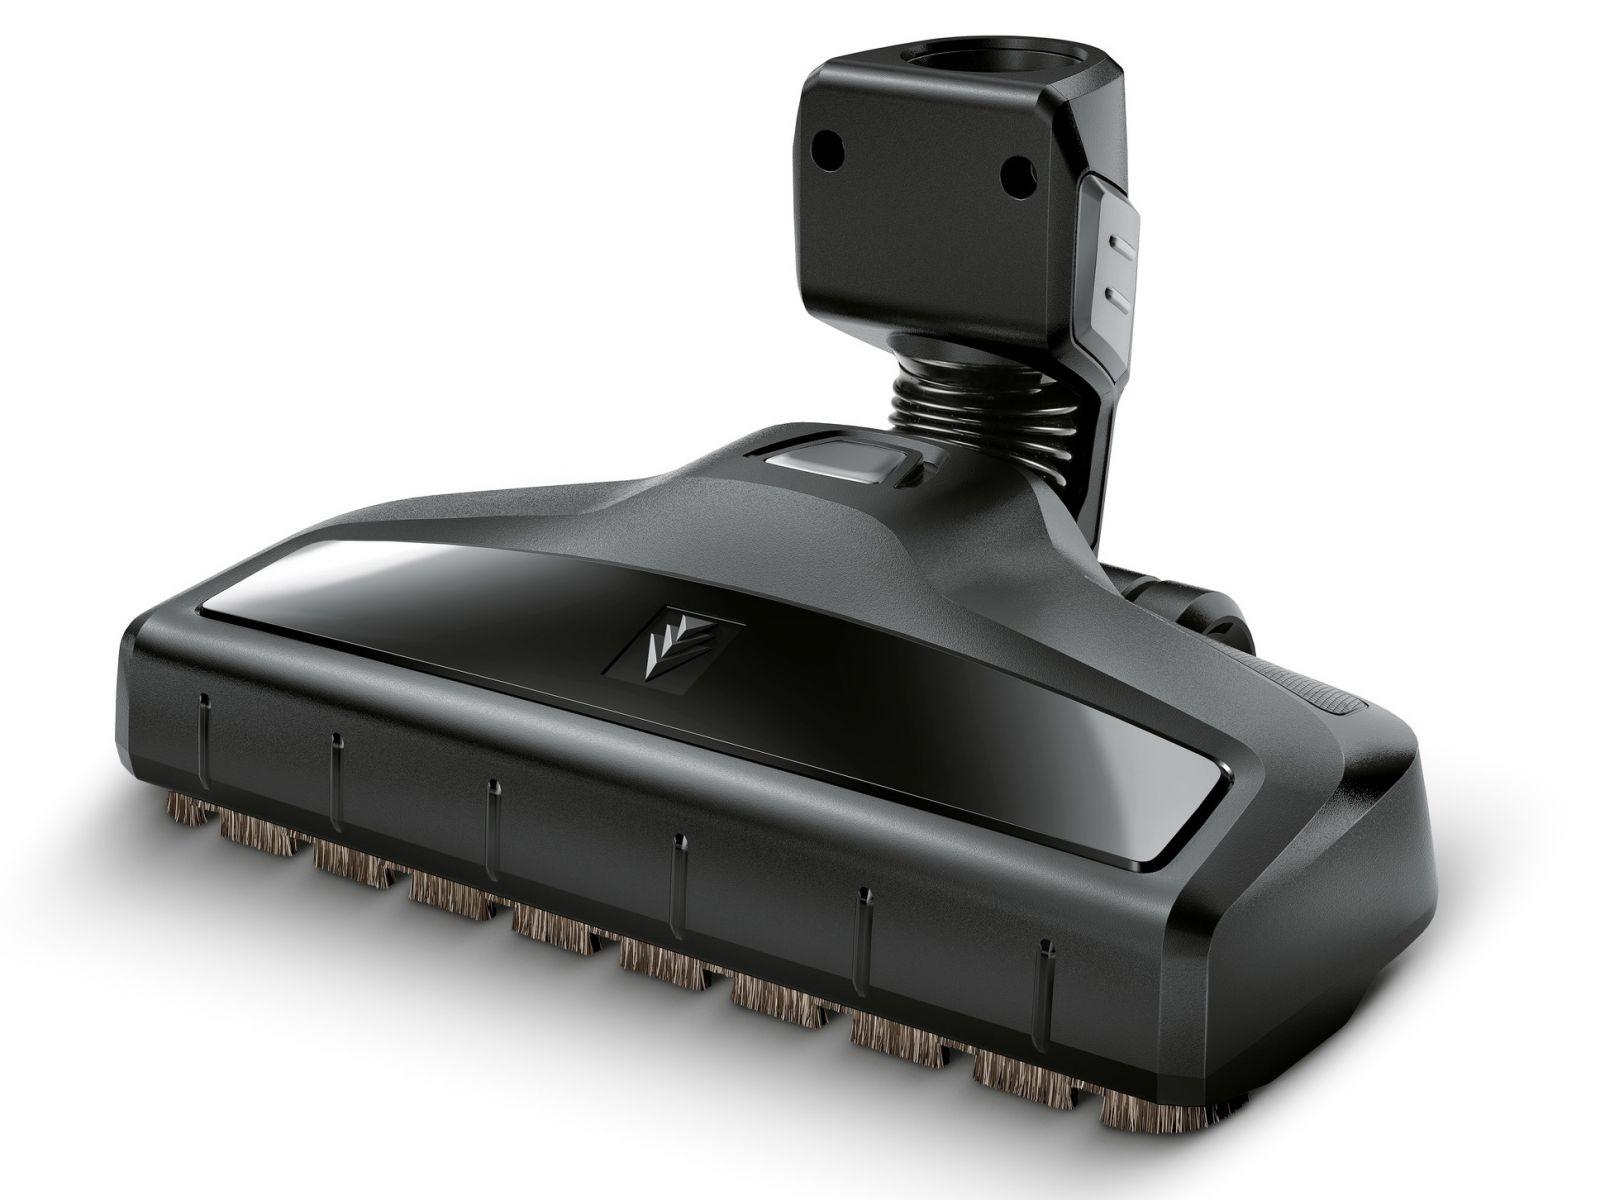 Parketová hubice (na parkety) Kärcher Nozzle parquet VC 5 - pro vysavače VC 5, VC 5 Cordless (2.863-242.0)